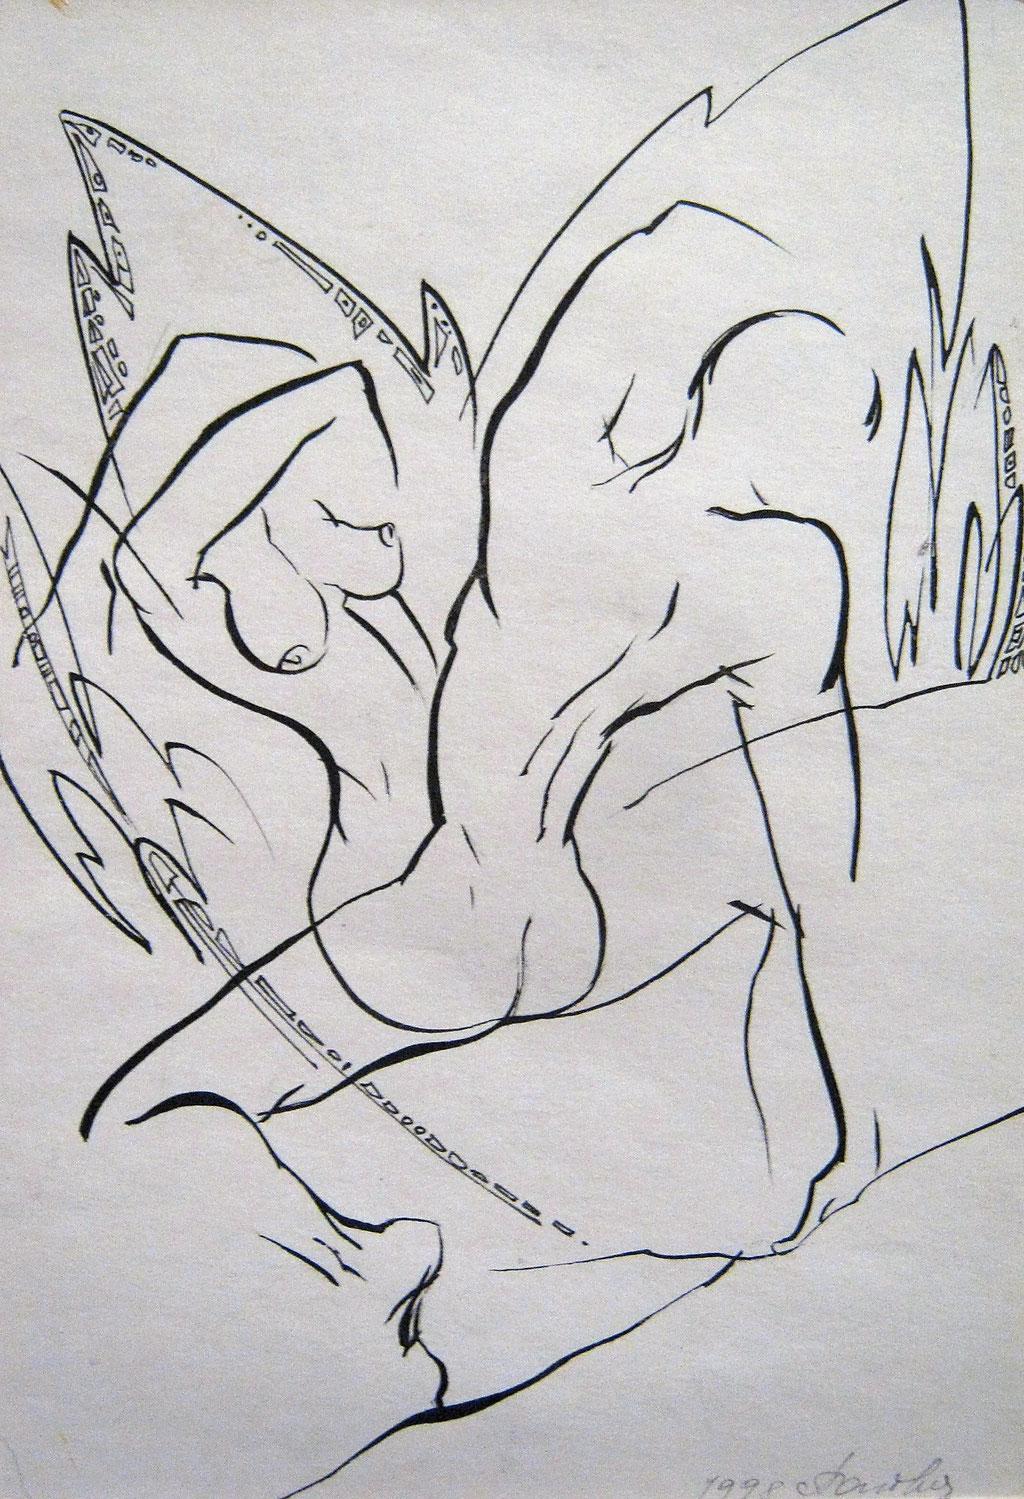 """Попова Ольга. Иллюстрация к лирике Николая Гладких """"Царевна, спящая в груди"""" 1998г"""